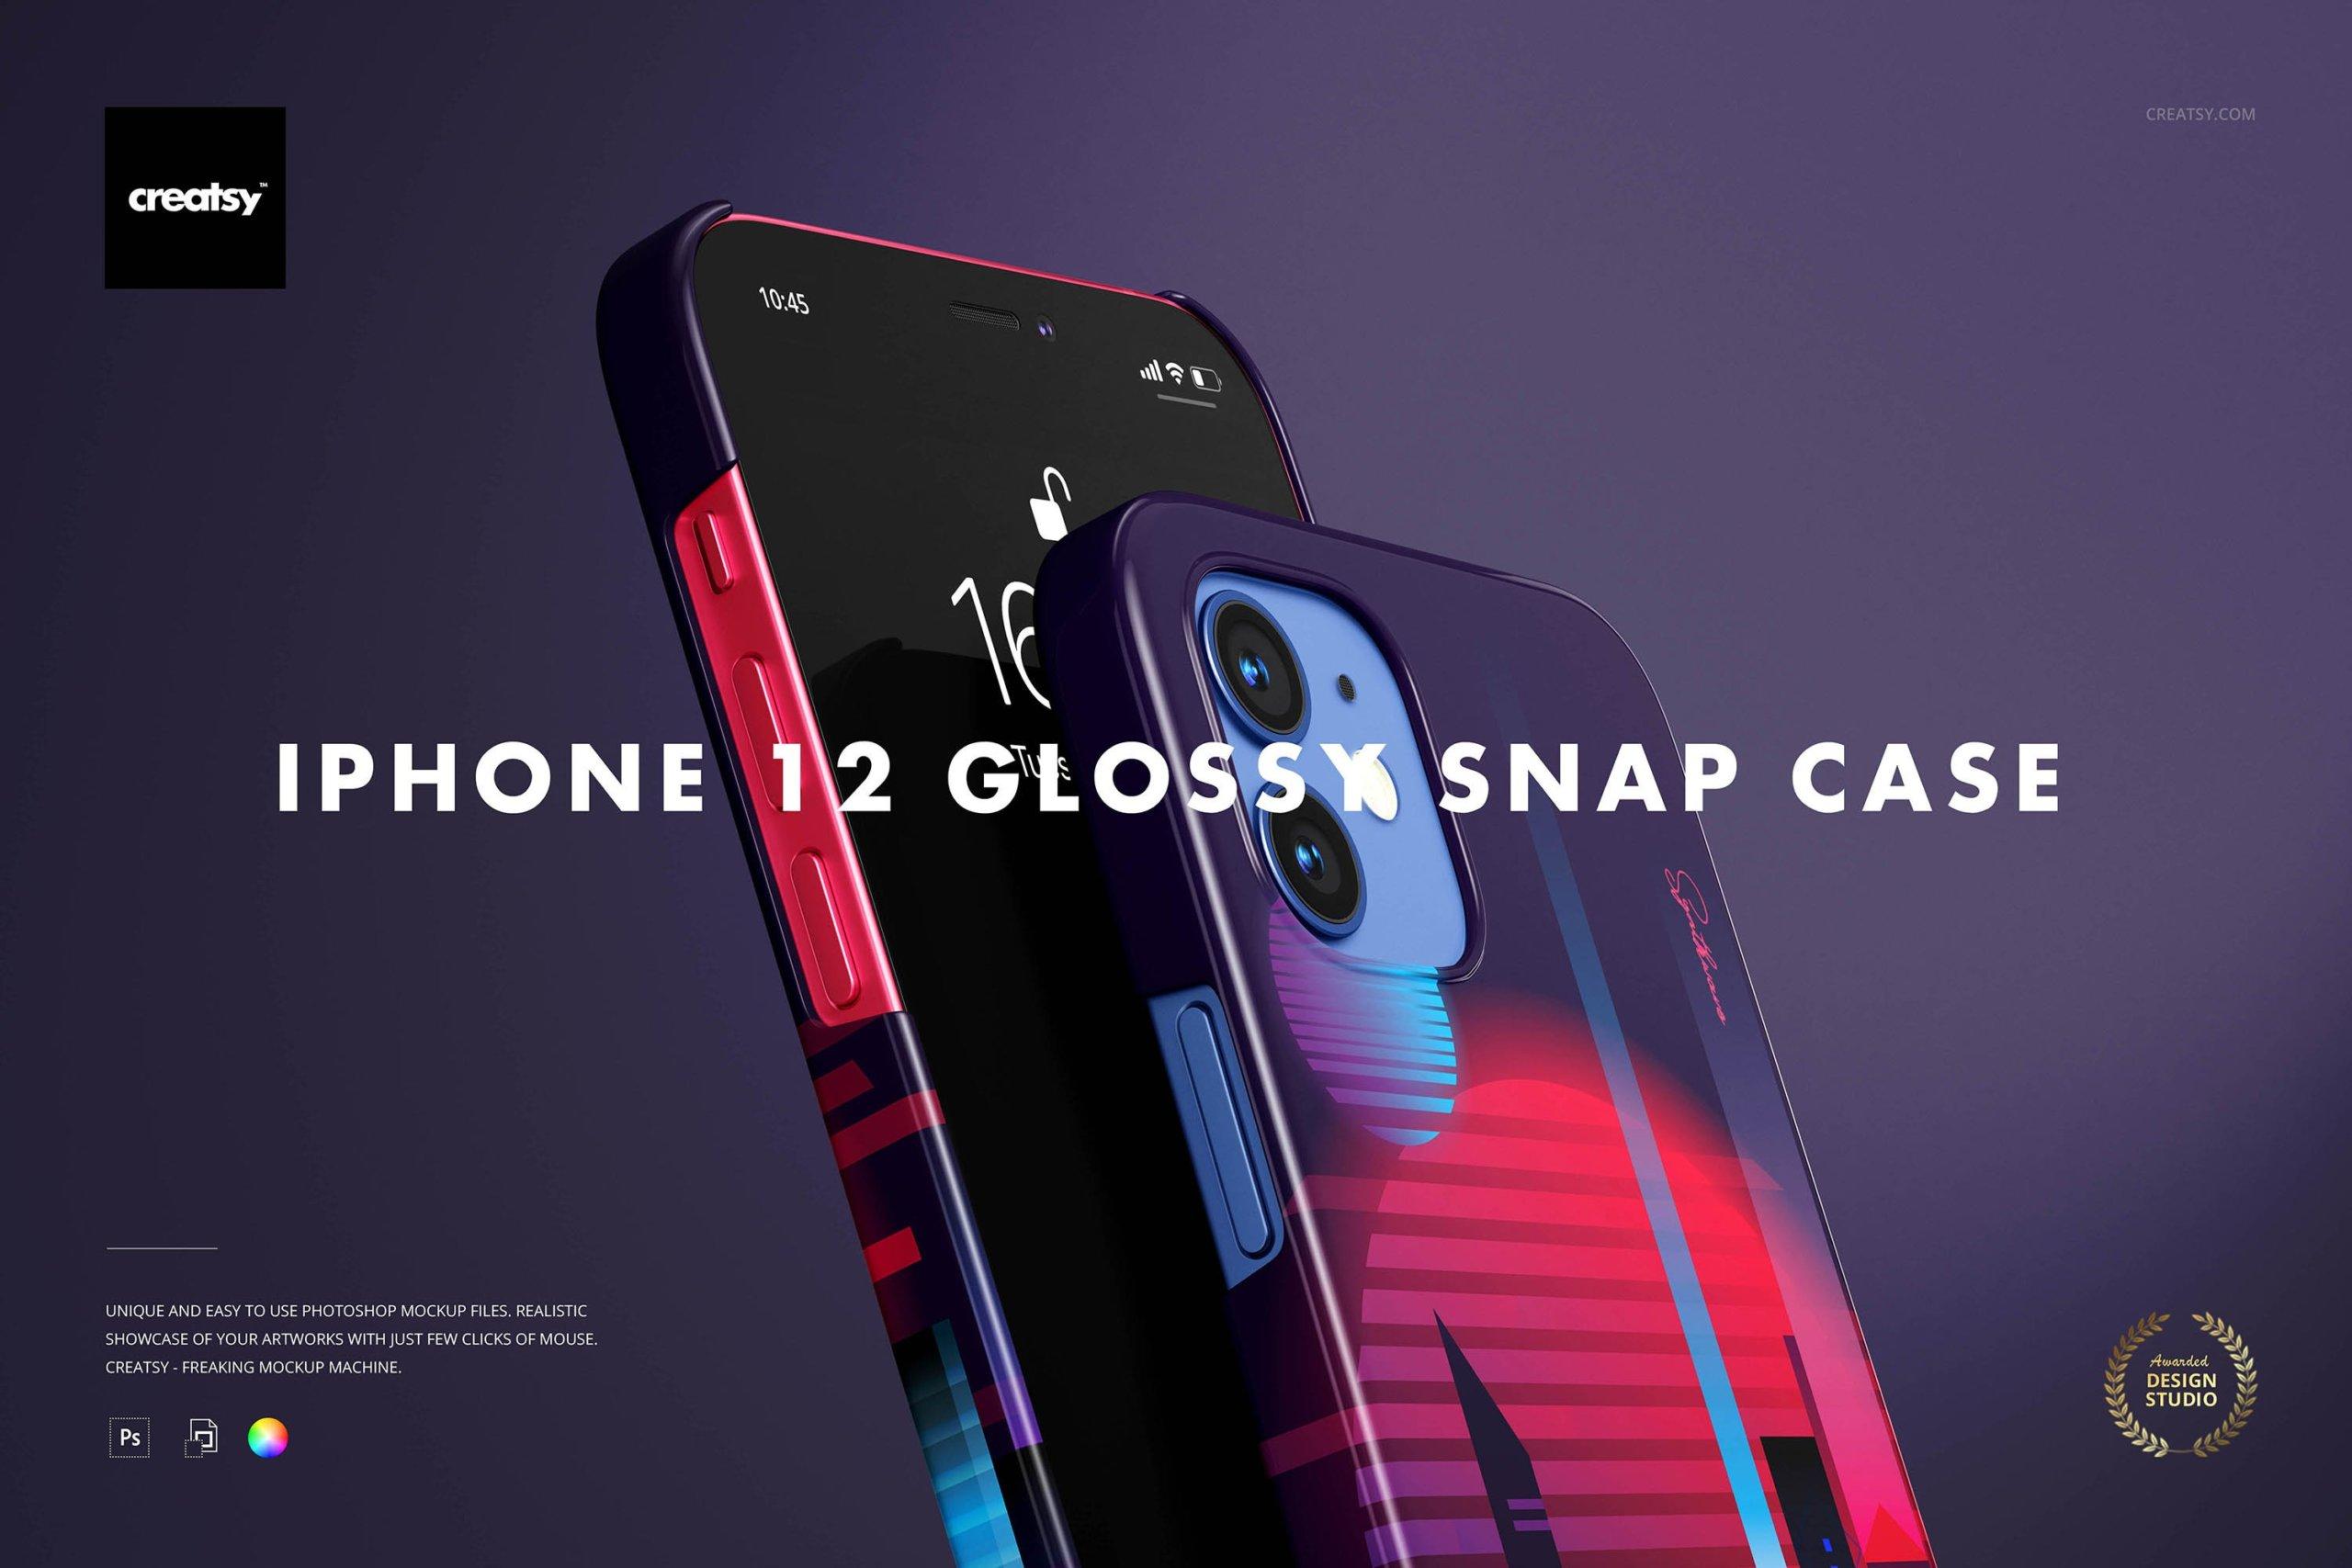 [单独购买] 26款时尚光滑苹果iPhone 12手机保护壳设计PS贴图样机模板素材 iPhone 12 Glossy Snap Case 1 Mockup插图